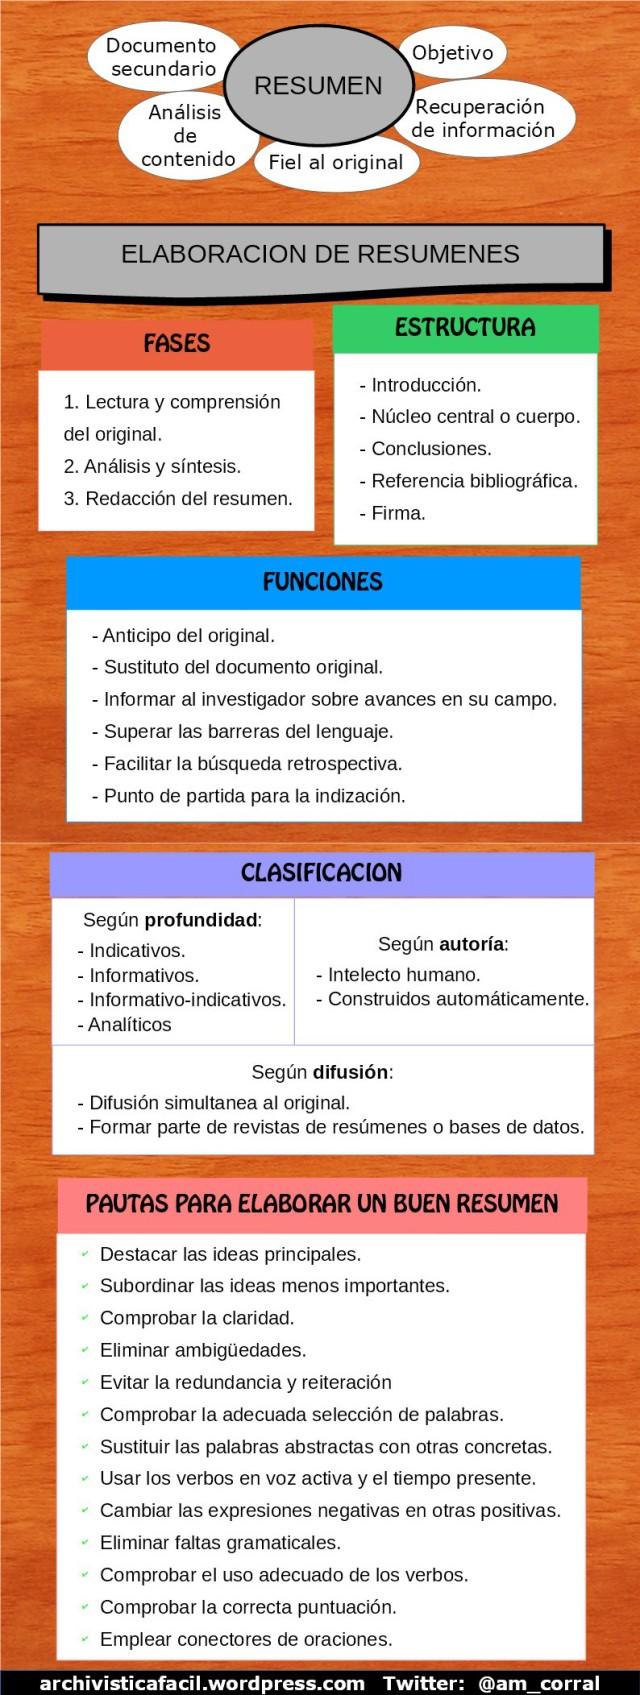 Infografia: Elaboracion de resumenes en servicios de informacion